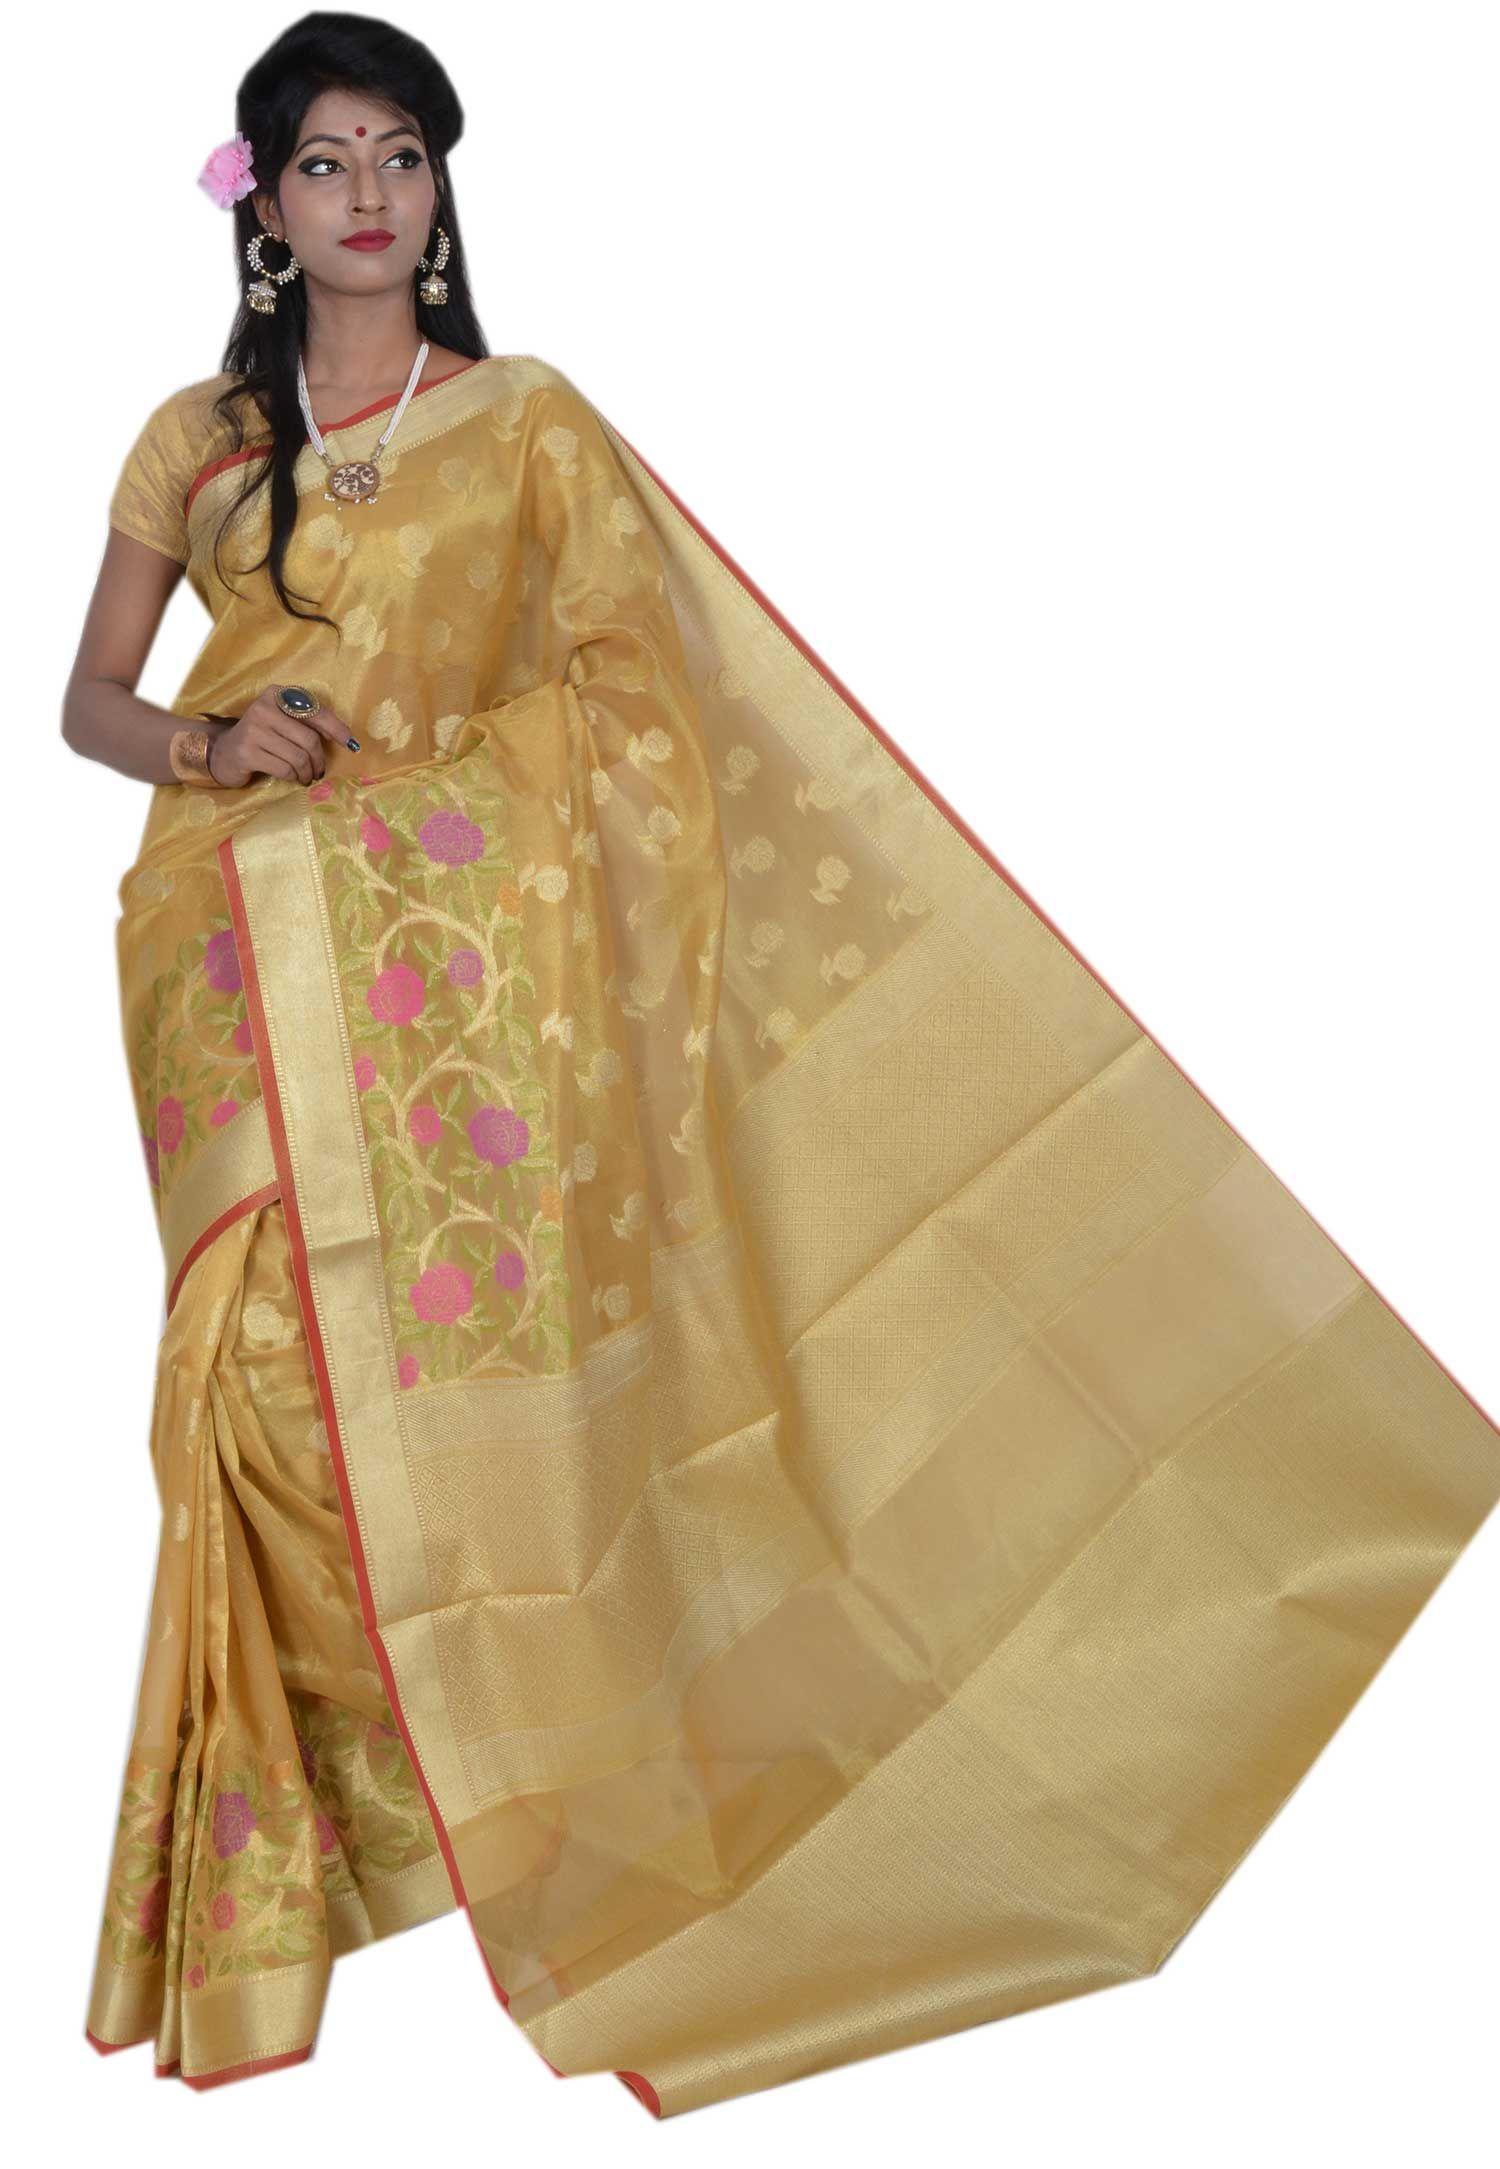 5b53881fe6 #banarasi #saree #sari #varanasi #cotton #silk #best #online #shopping  #fashion #female #women #price #deal #manufacturer @banarasiweavespoint # shop